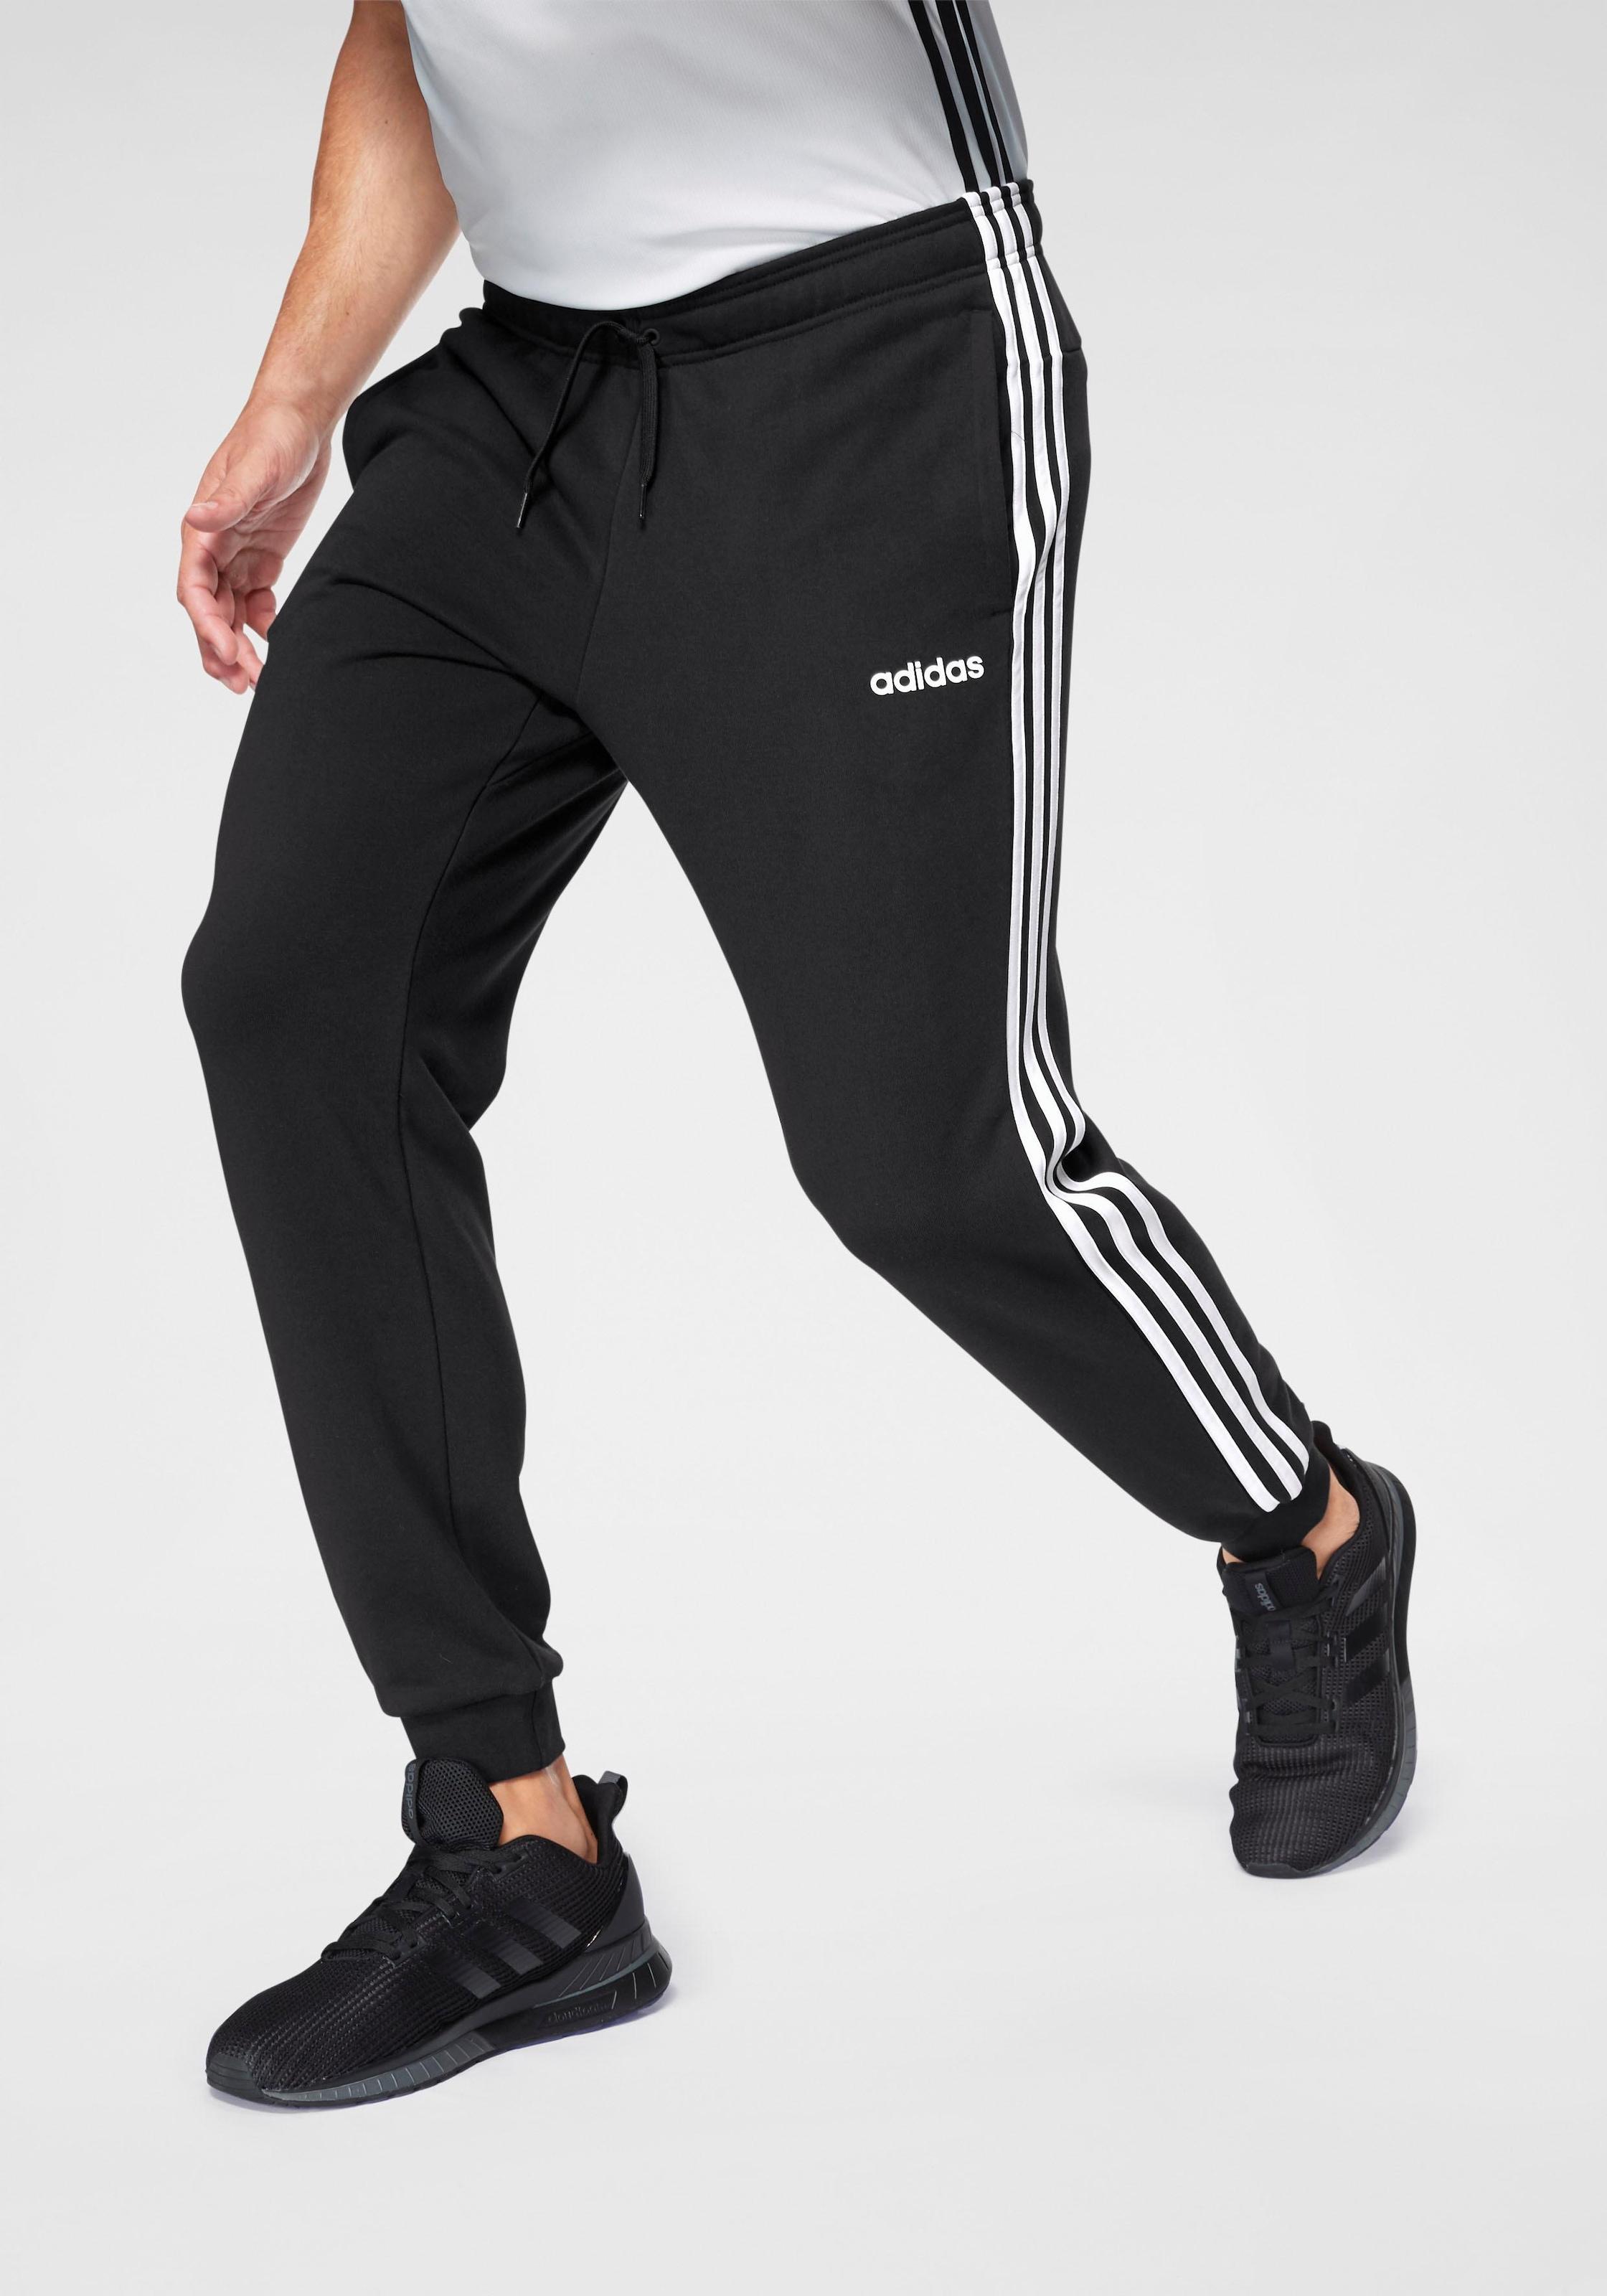 adidas Jogginghosen für Jungen | eBay